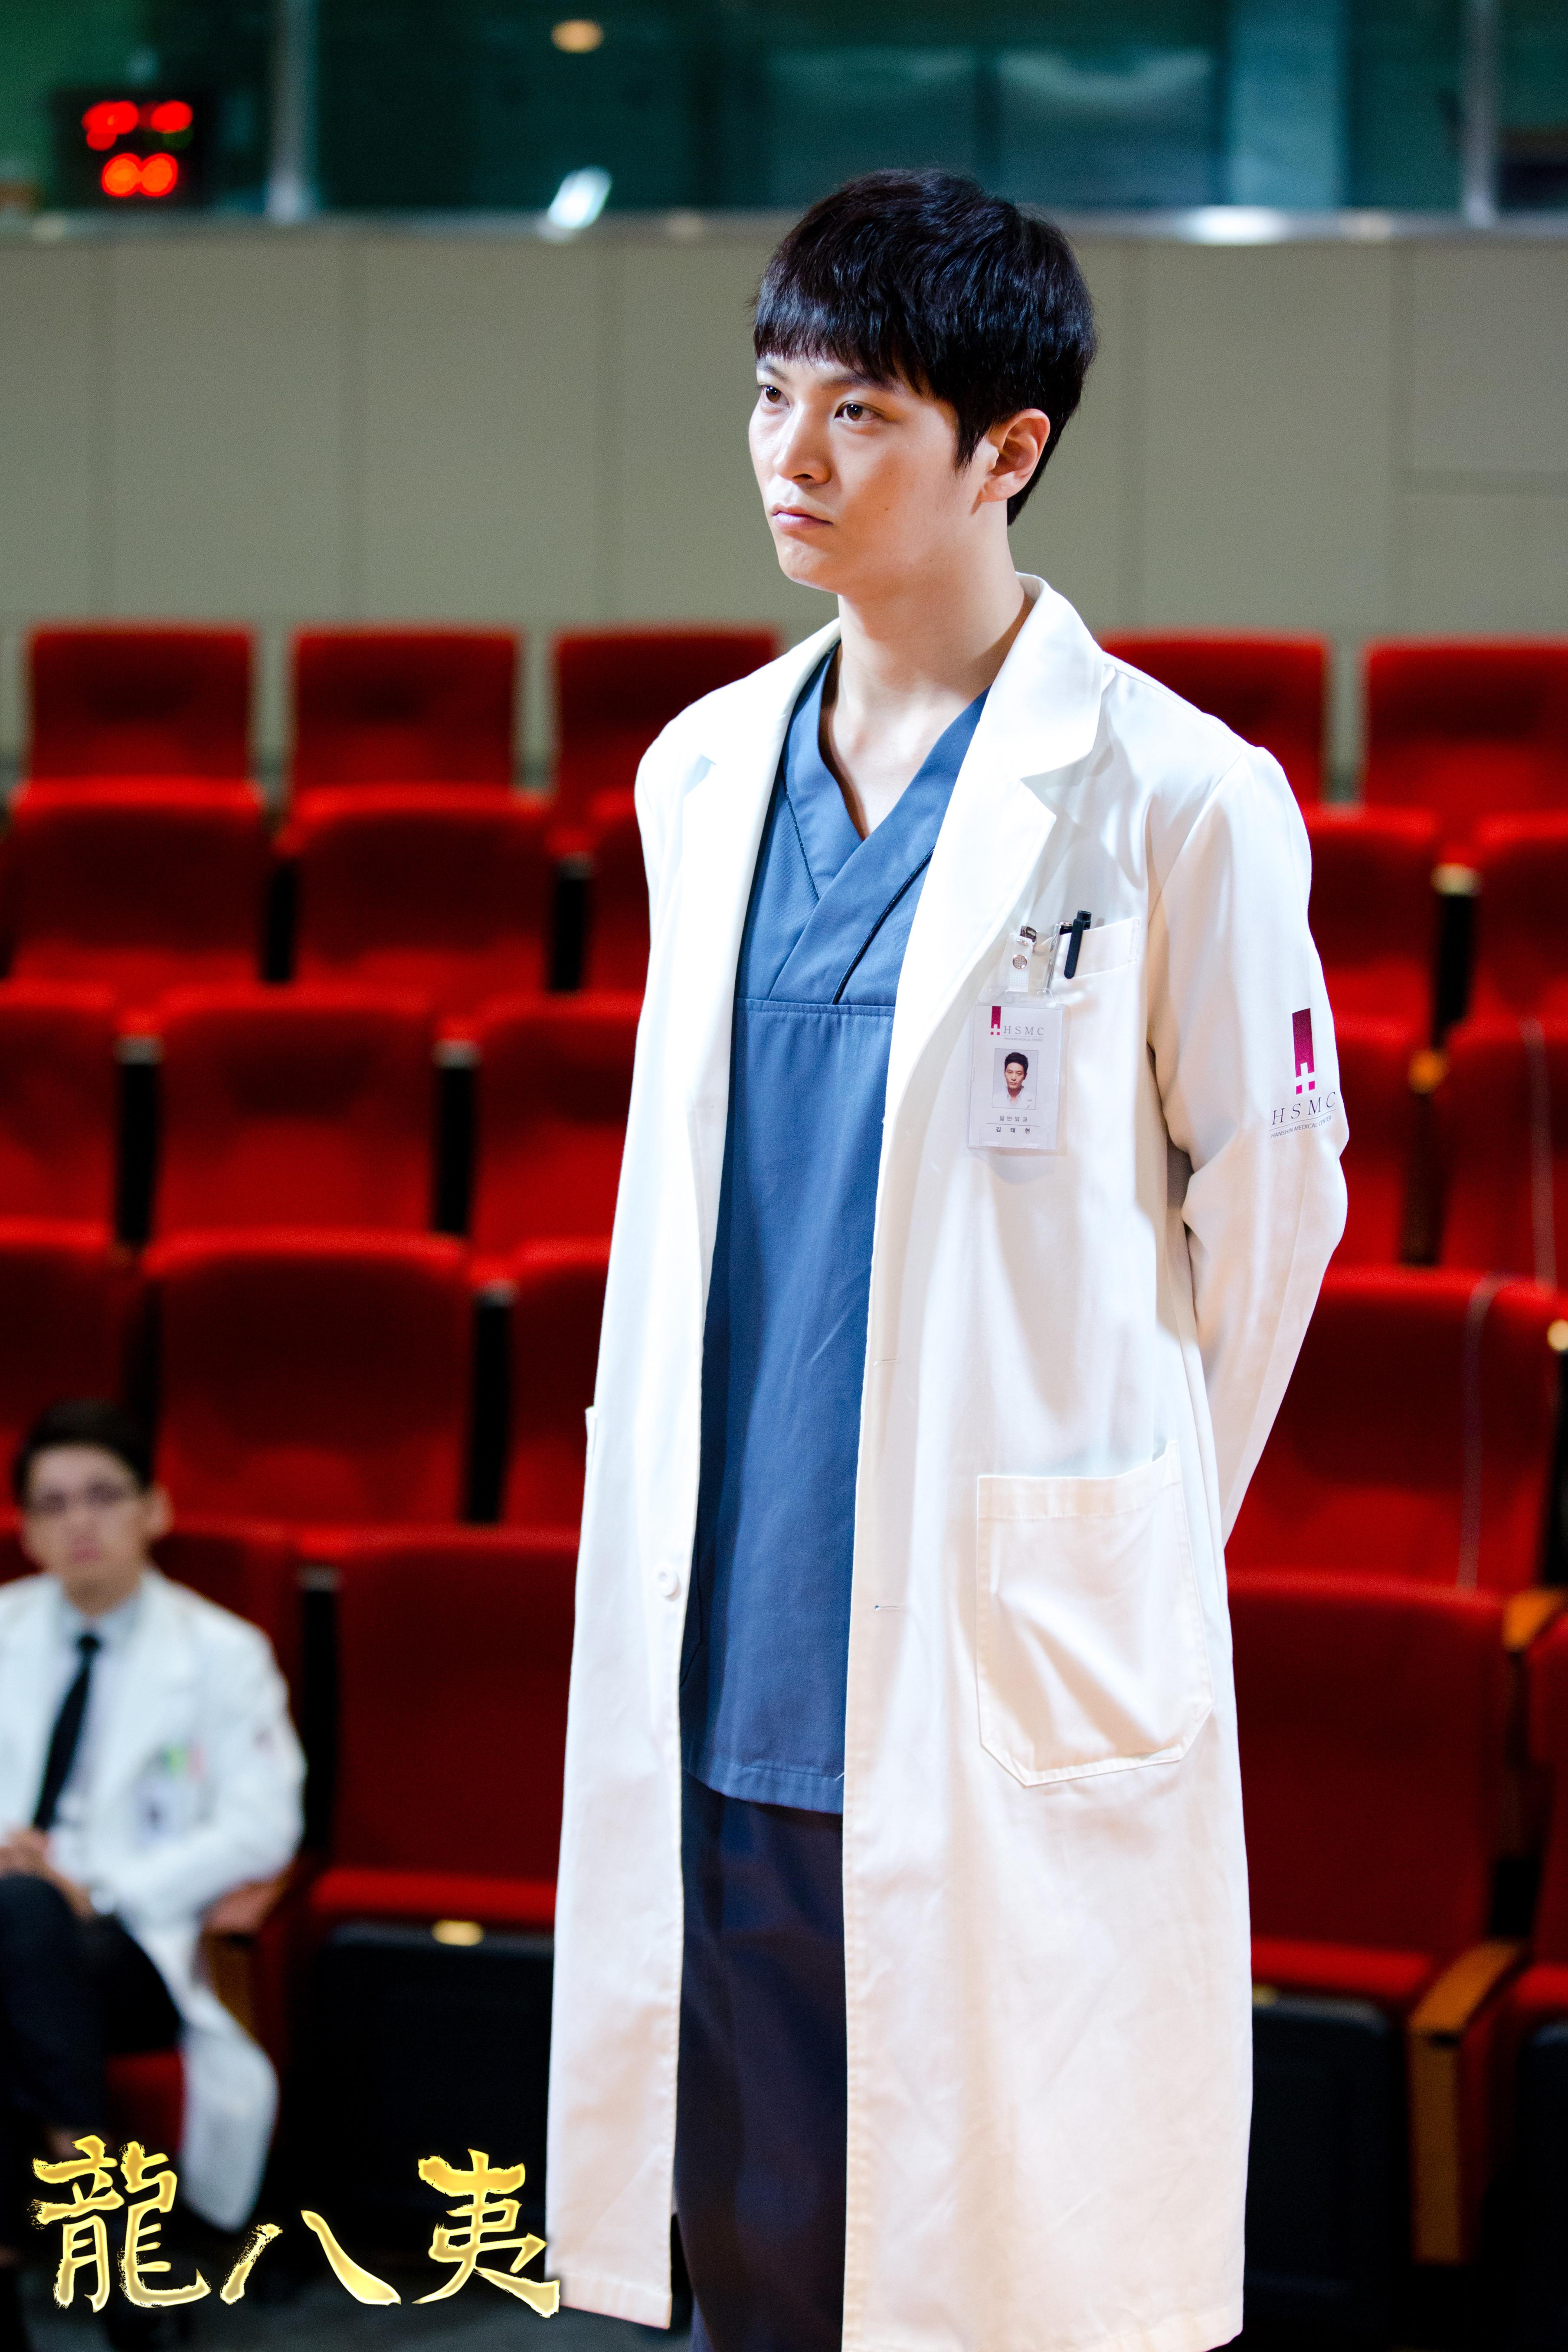 以及第二次演醫生好上手的演技派周元!兩人連袂主演!